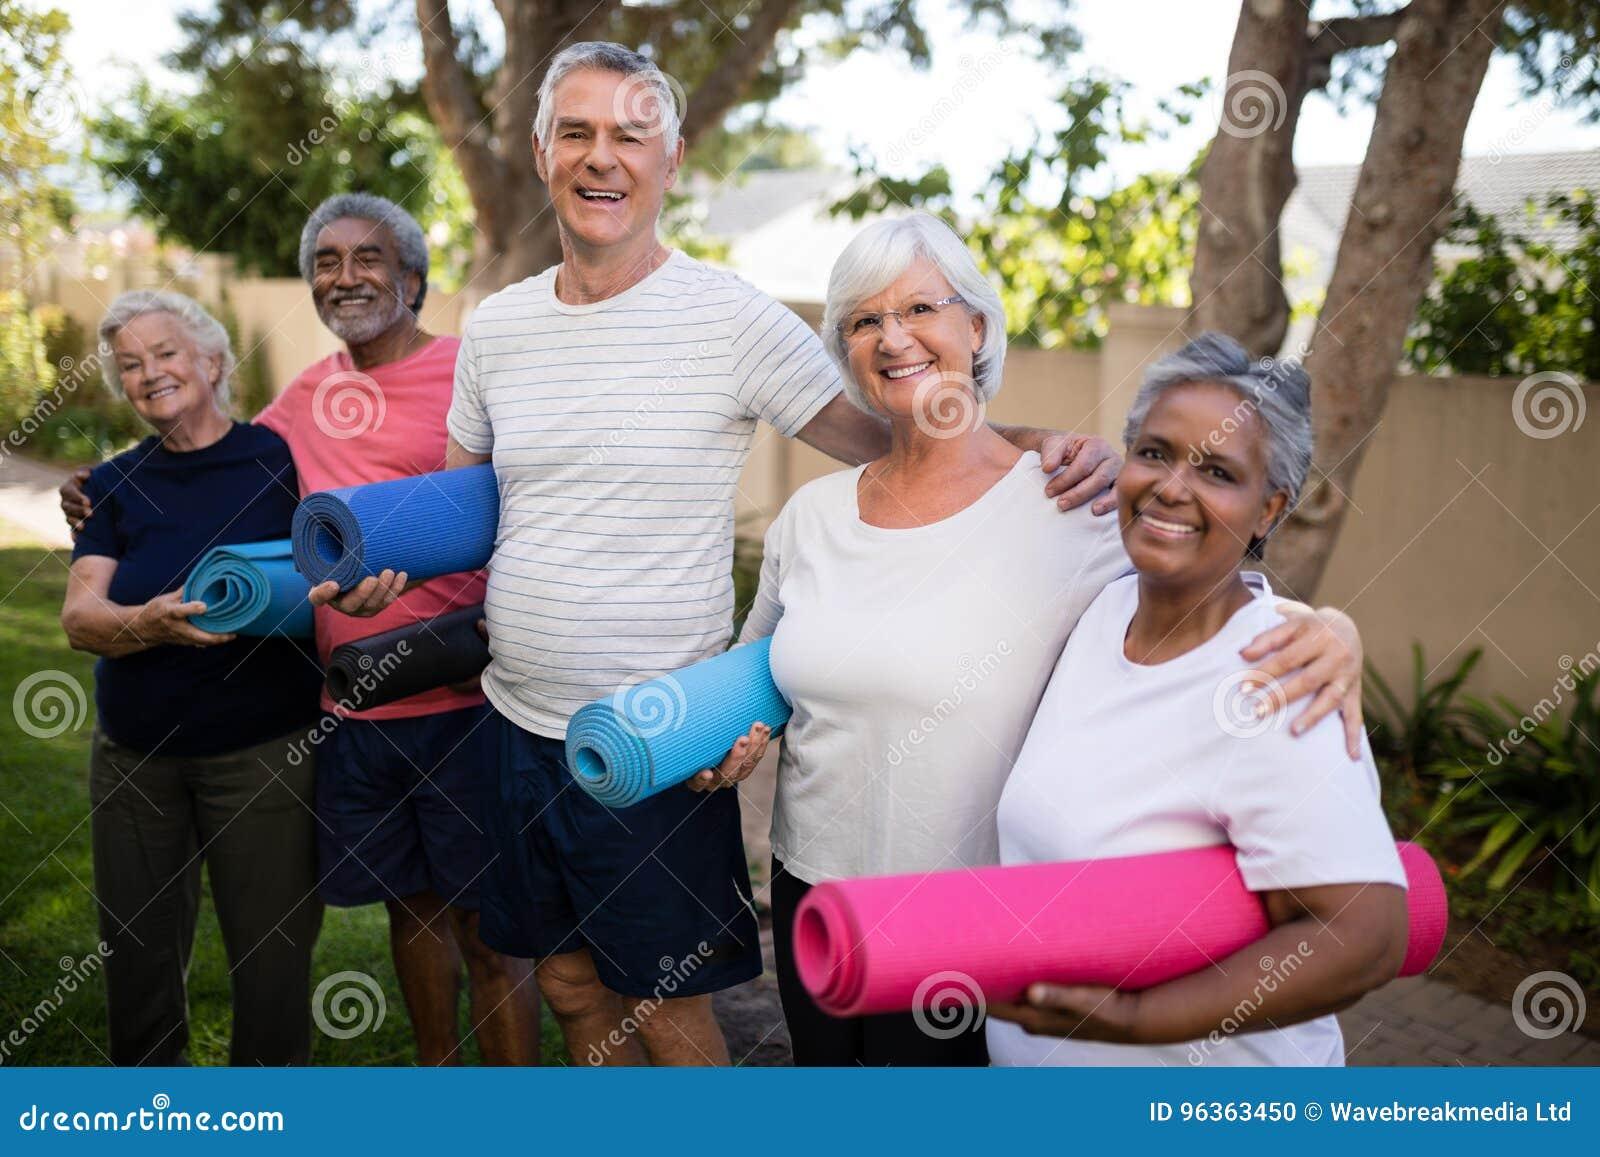 Porträt von den glücklichen multiethnischen Freunden, die Übungsmatten tragen